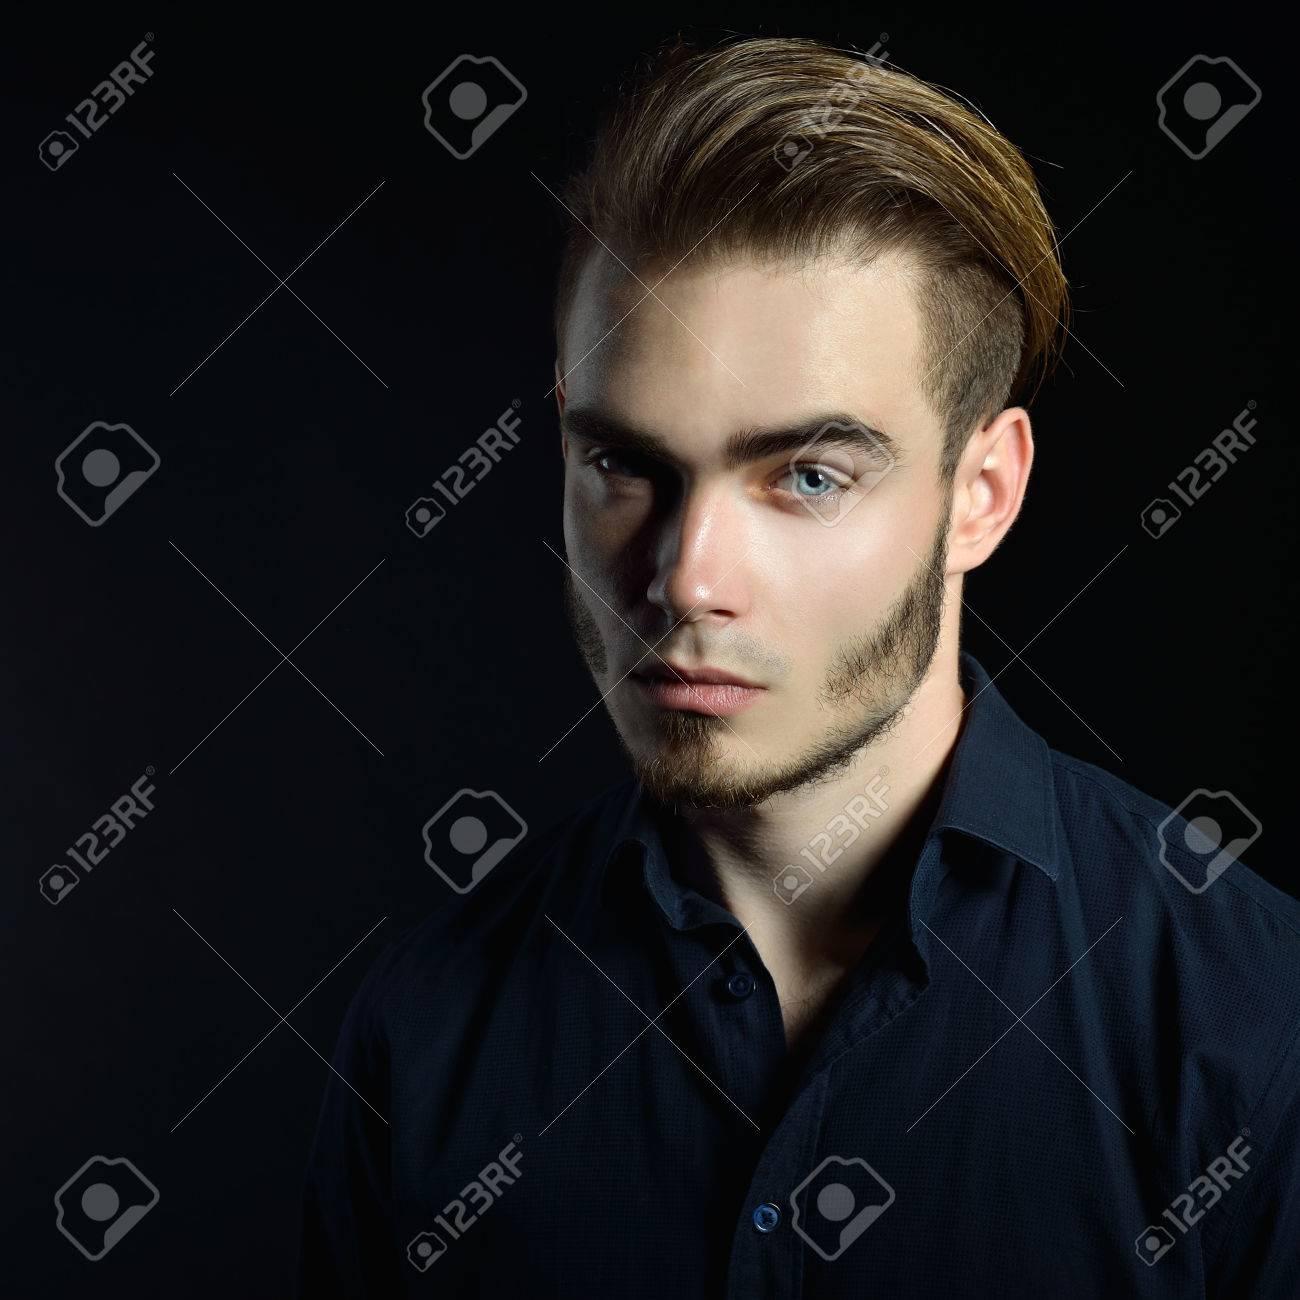 Portrait Der Schönen Reizvollen Jungen Mann Mit Blauen Augen Und